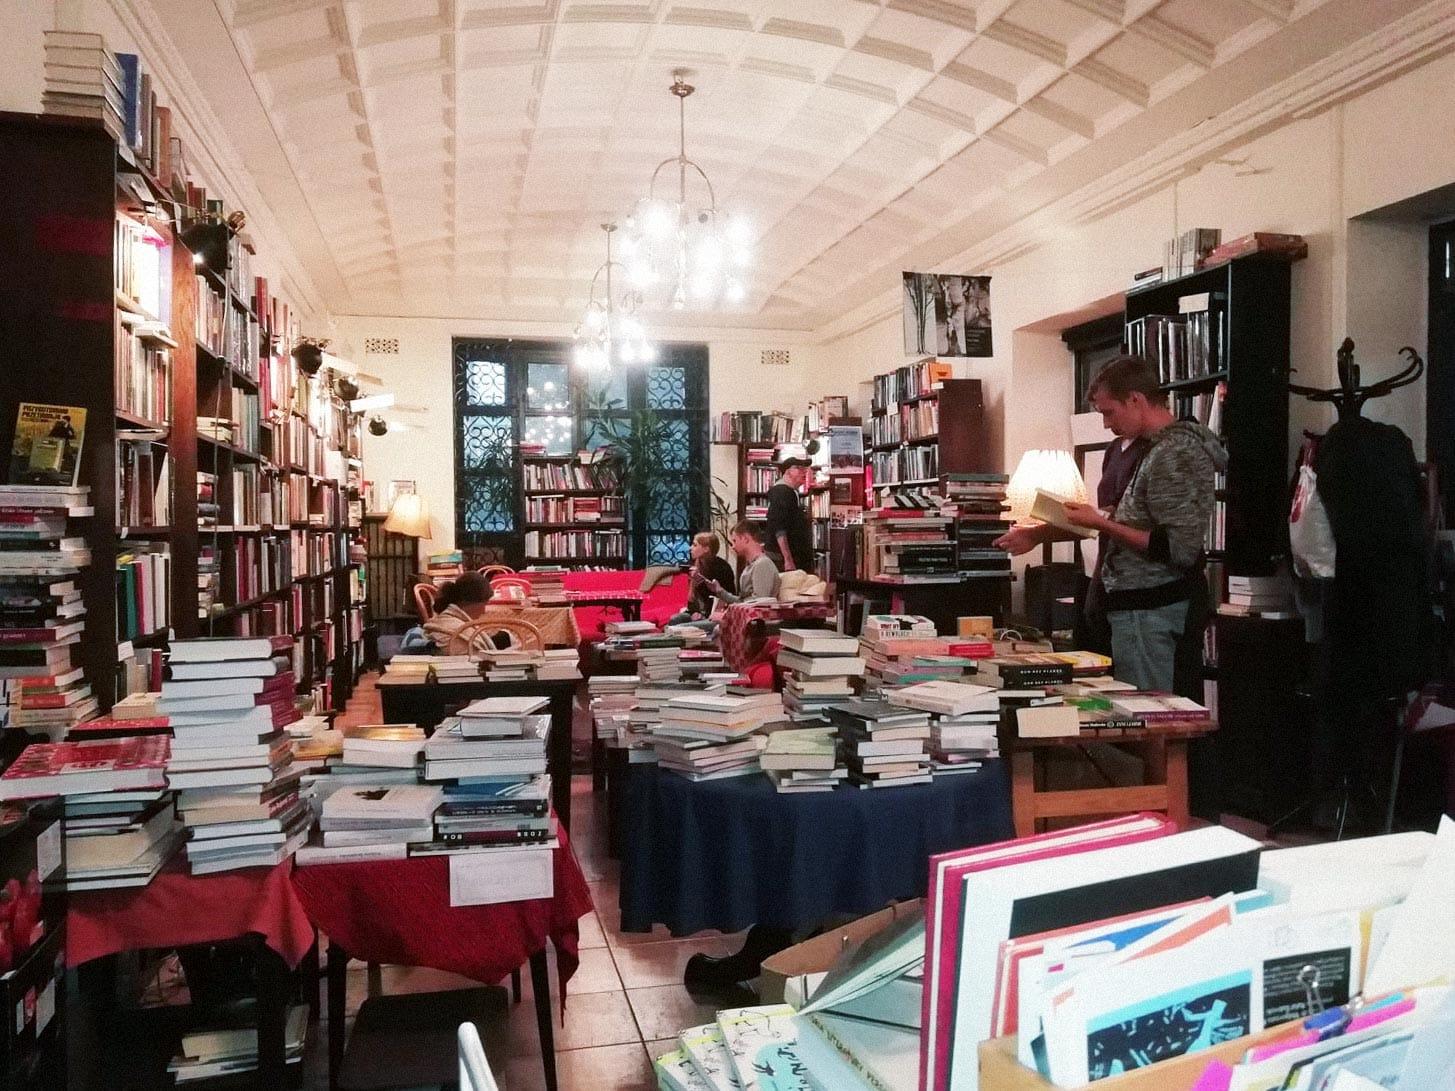 Интерьер книжного магазина Tarabuk в Варшаве, Польша. Источник: фейсбук-страница магазина